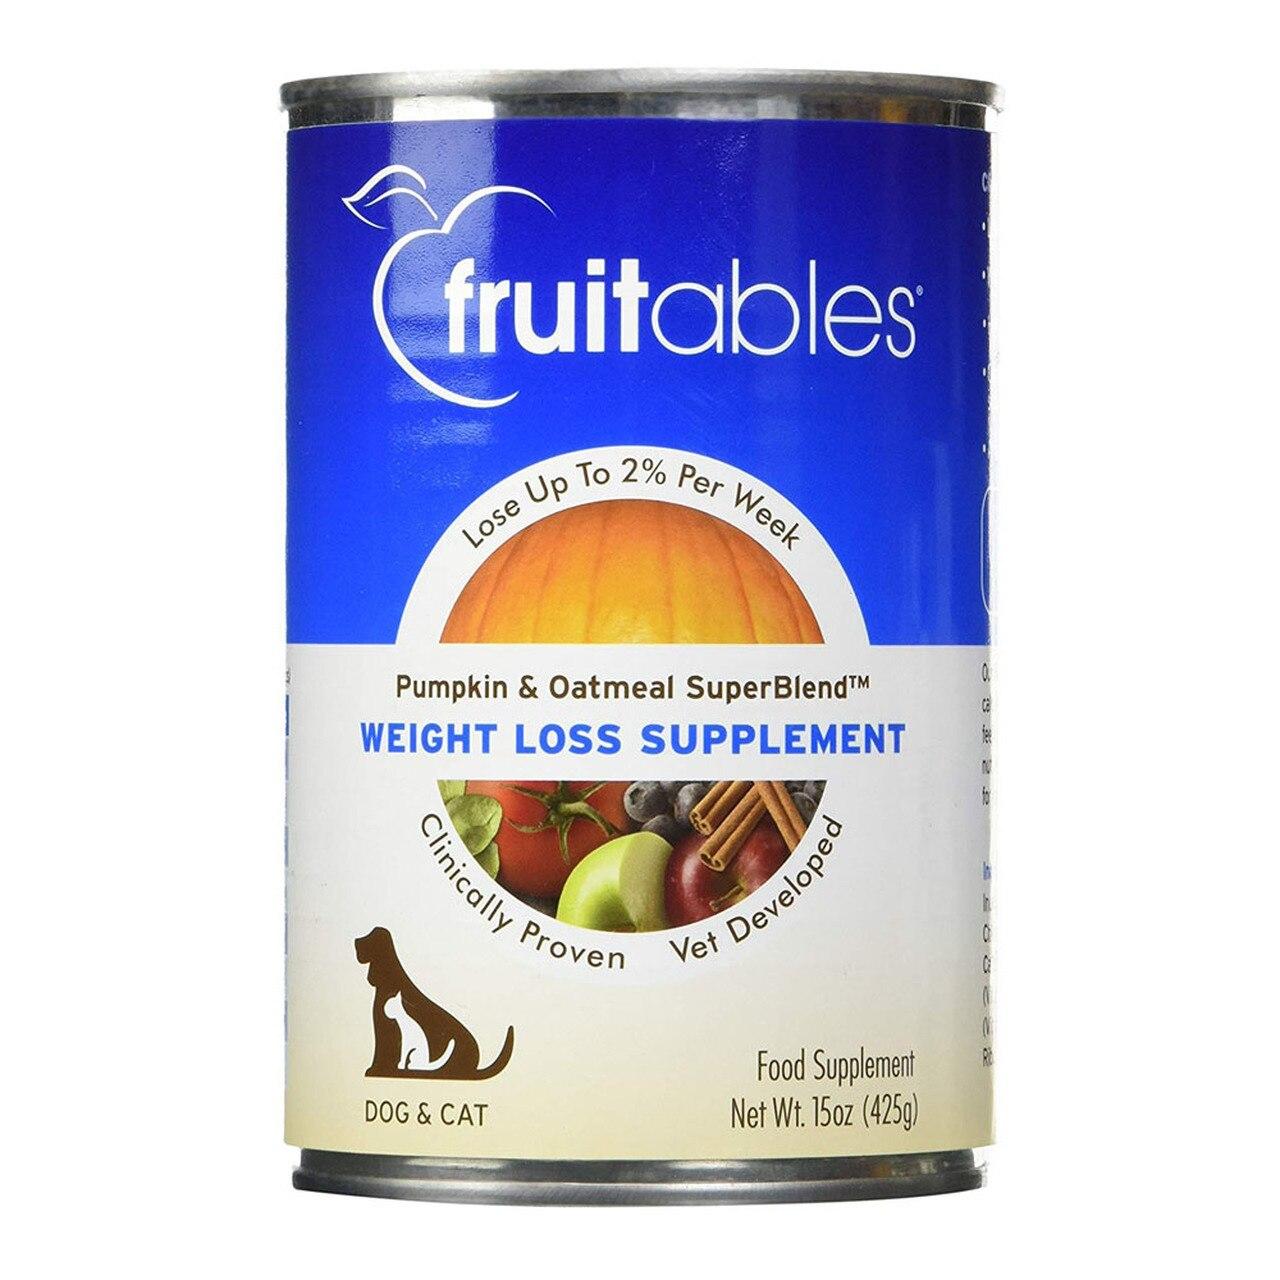 Fruitables Pumpkin and Oatmeal SuperBlend Weight Loss Dog & Cat Supplement, 15-oz